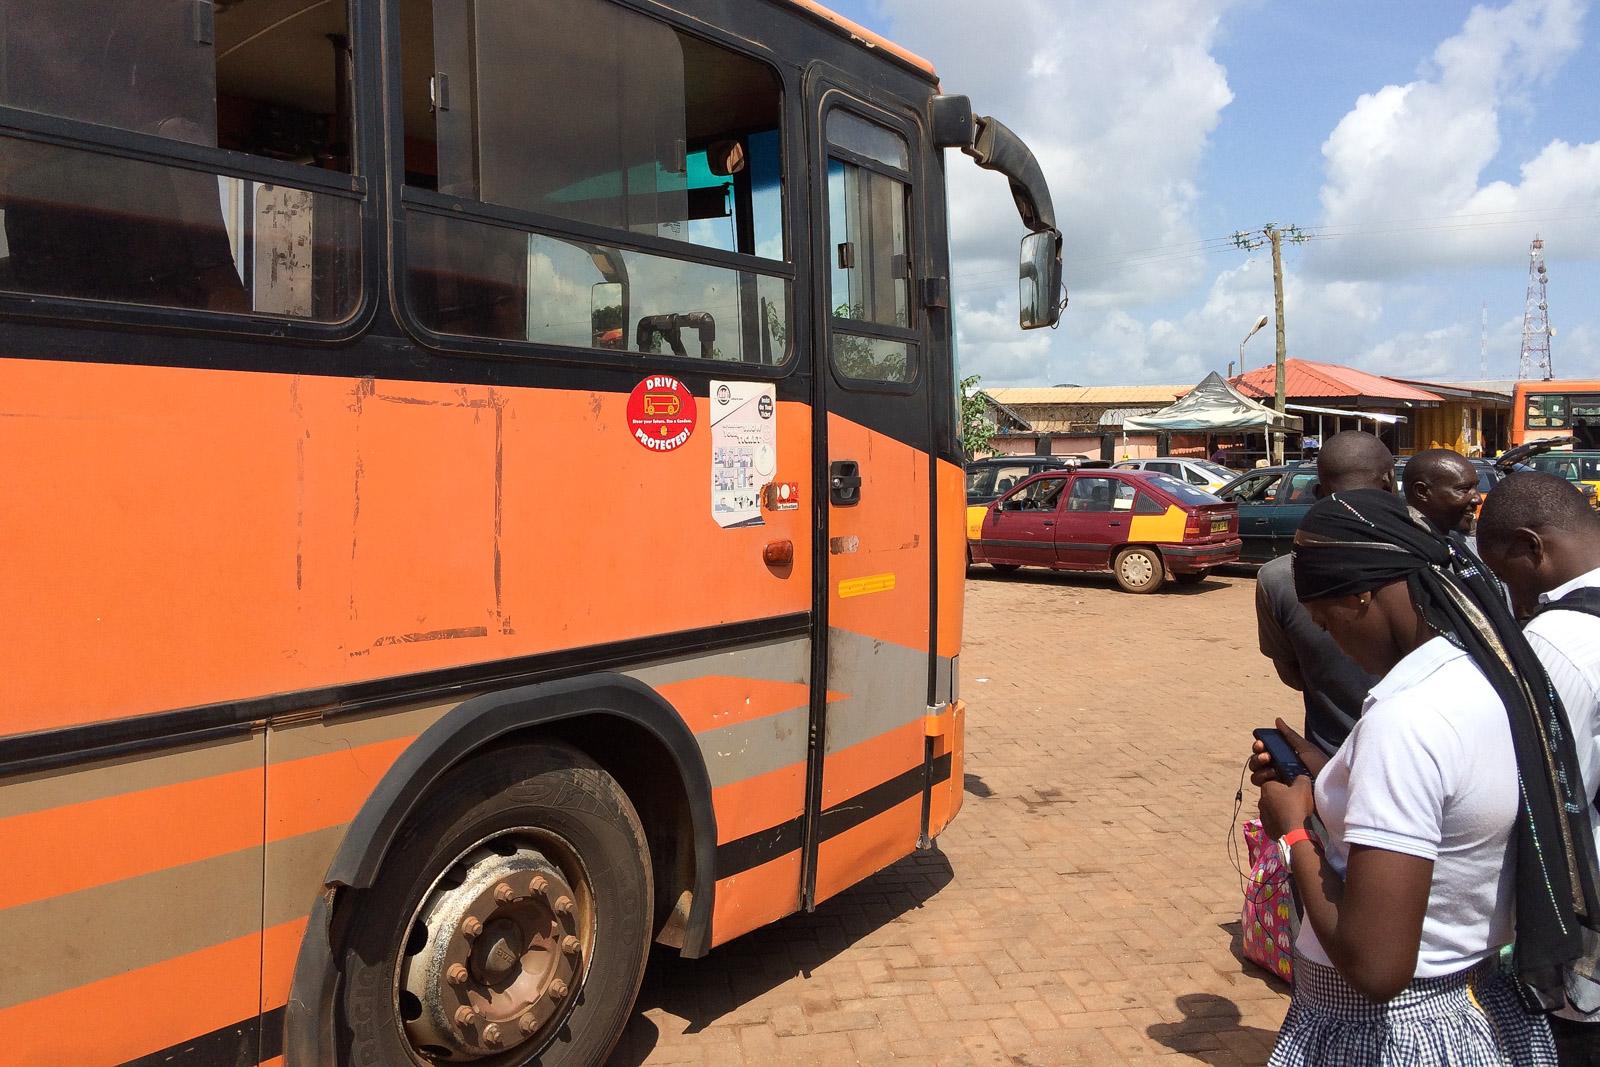 Der Bus ab Tamale bis Larabanga von Metro Mass war schon ziemlich alt, unten im Laderaum wurden gar lebende Ziegen verstaut.